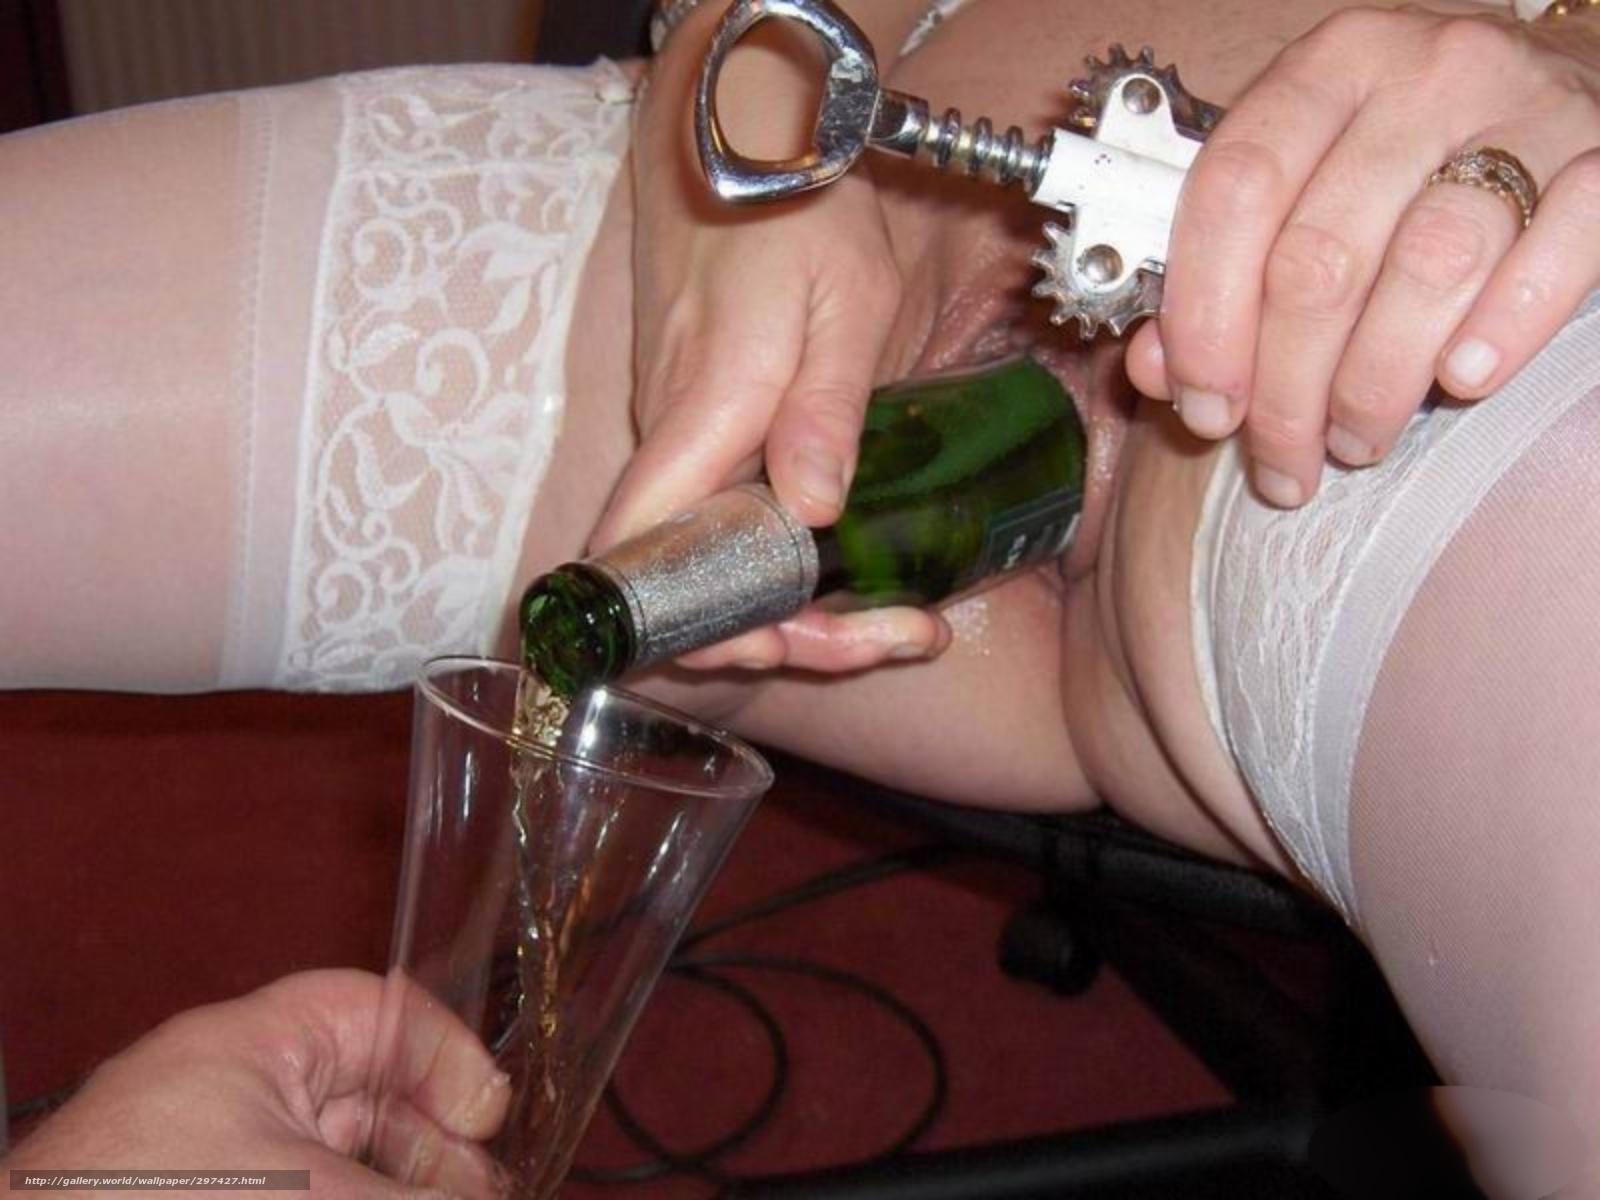 zalivayut-v-pizdu-shampanskoe